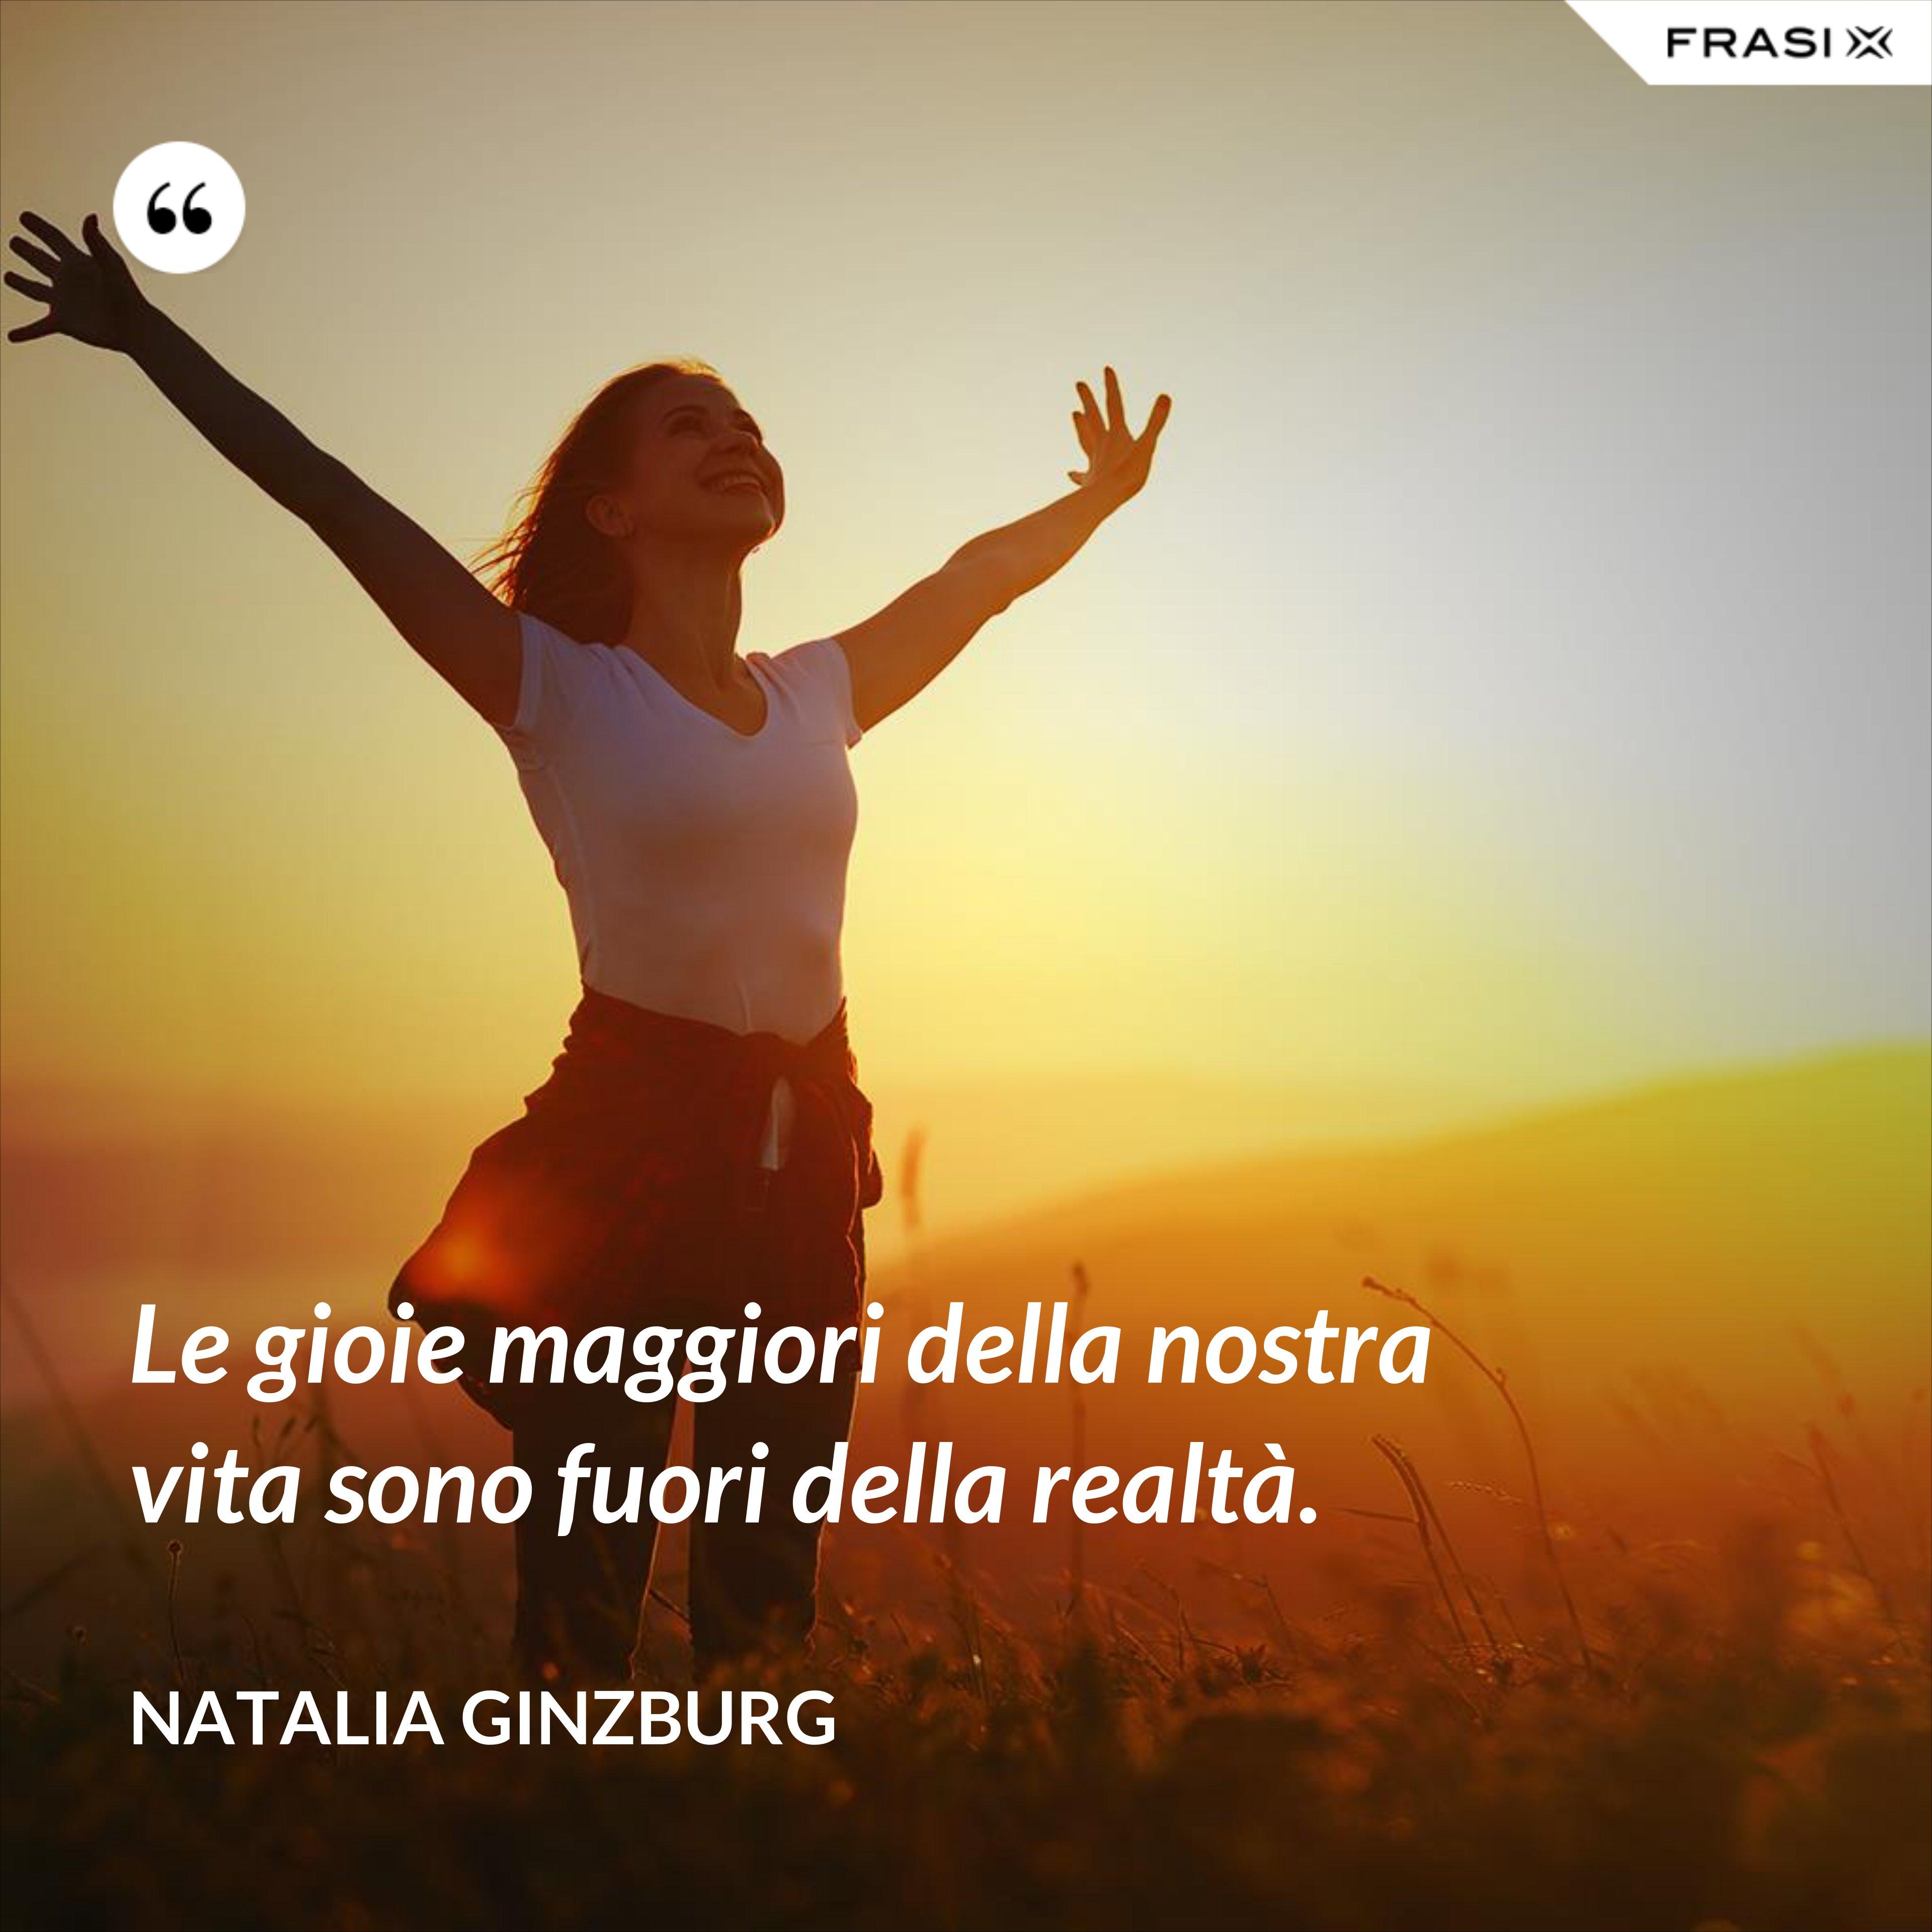 Le gioie maggiori della nostra vita sono fuori della realtà. - Natalia Ginzburg